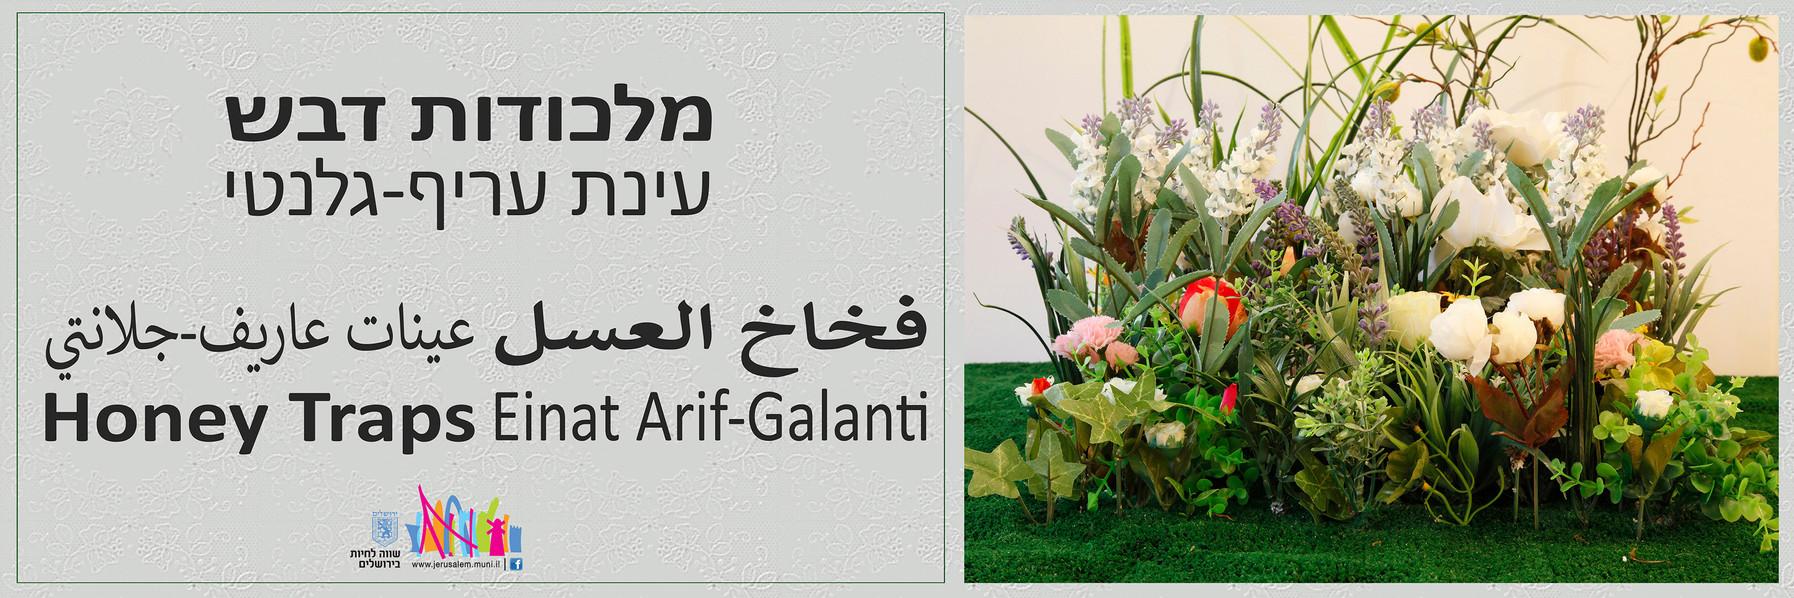 01-Einat Arif-G-Plastic Life1-hi-res.jpg